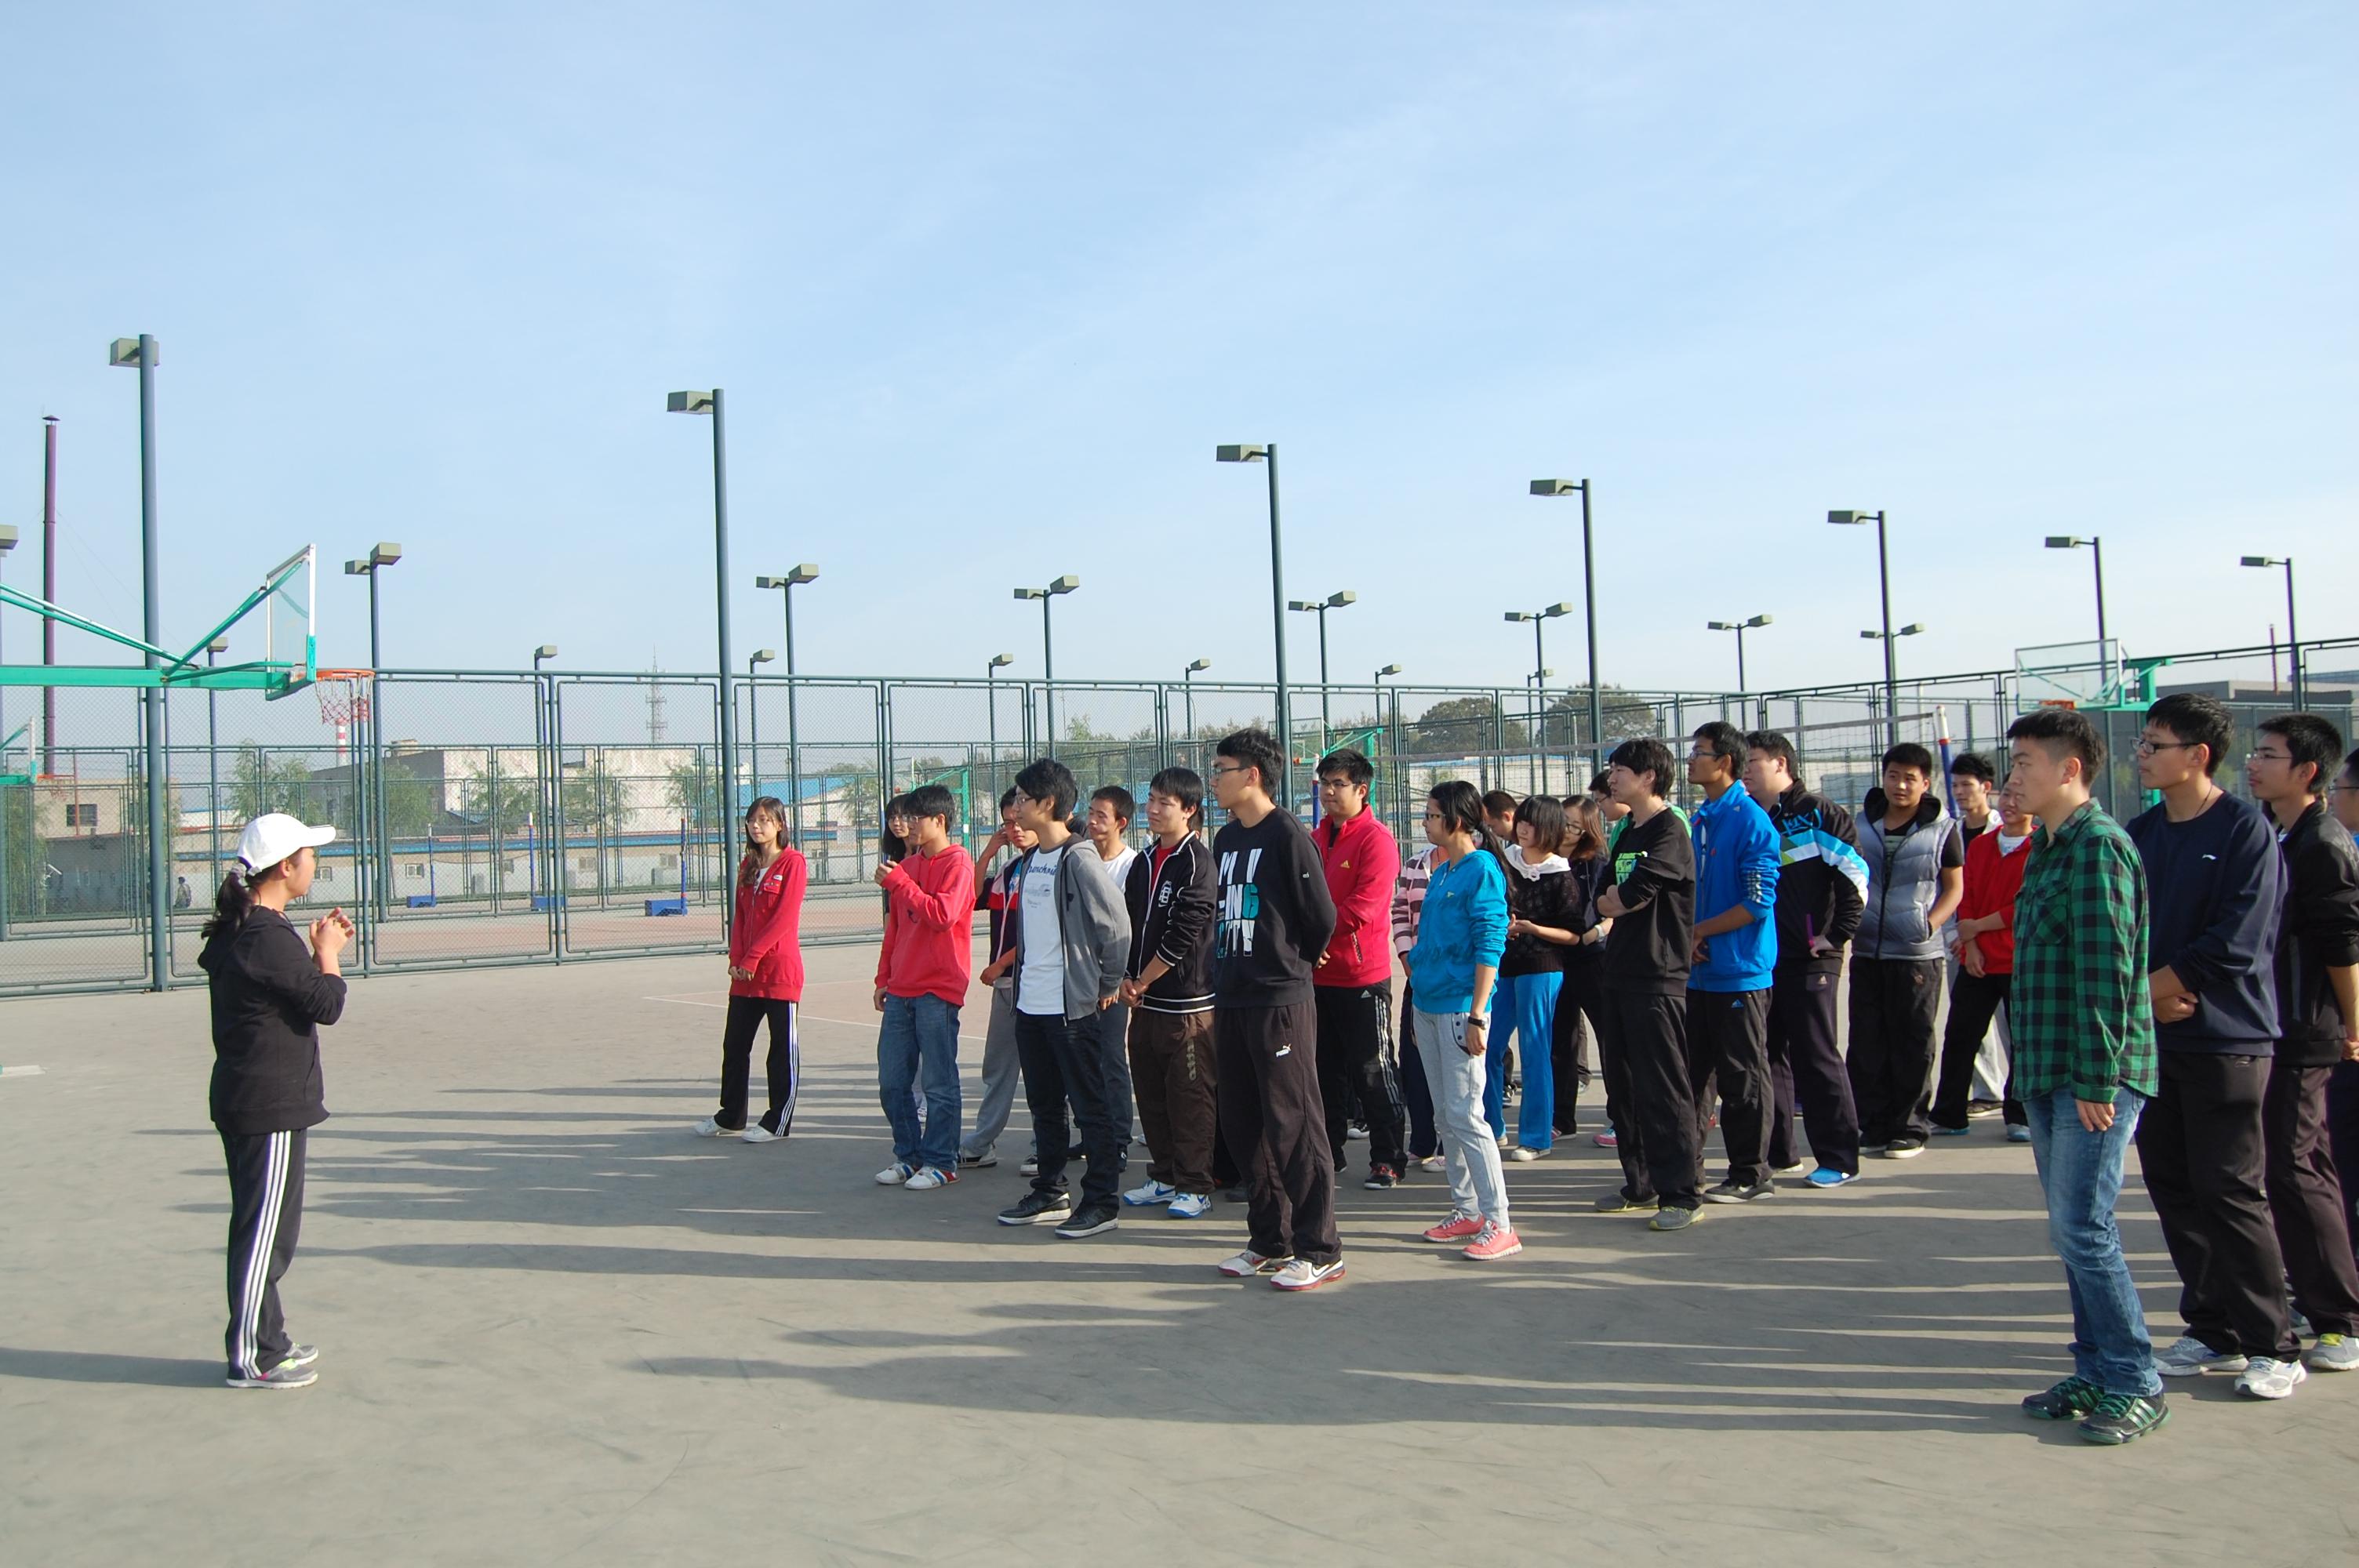 此次活动在王桂香老师的带领下顺利进行。首先进行的是团队建设,学员们以团队为单位为大家展示队名、队训和队形。正式的活动分为五个小项目,以团队为单位各自开展,训练团队成员之间的默契。最终通过比赛的形式,合格完成五个项目用时最短的团队获得胜利。在活动中,组员之间相互依赖、相互关联、通过团队合作进行必要的行动协调来完成既定的目标。学员们不仅锻炼了身体,还切身体会到了团队的力量。同时锻炼了协调和应变能力,学会了如何在合作中解决问题,赢得比赛。